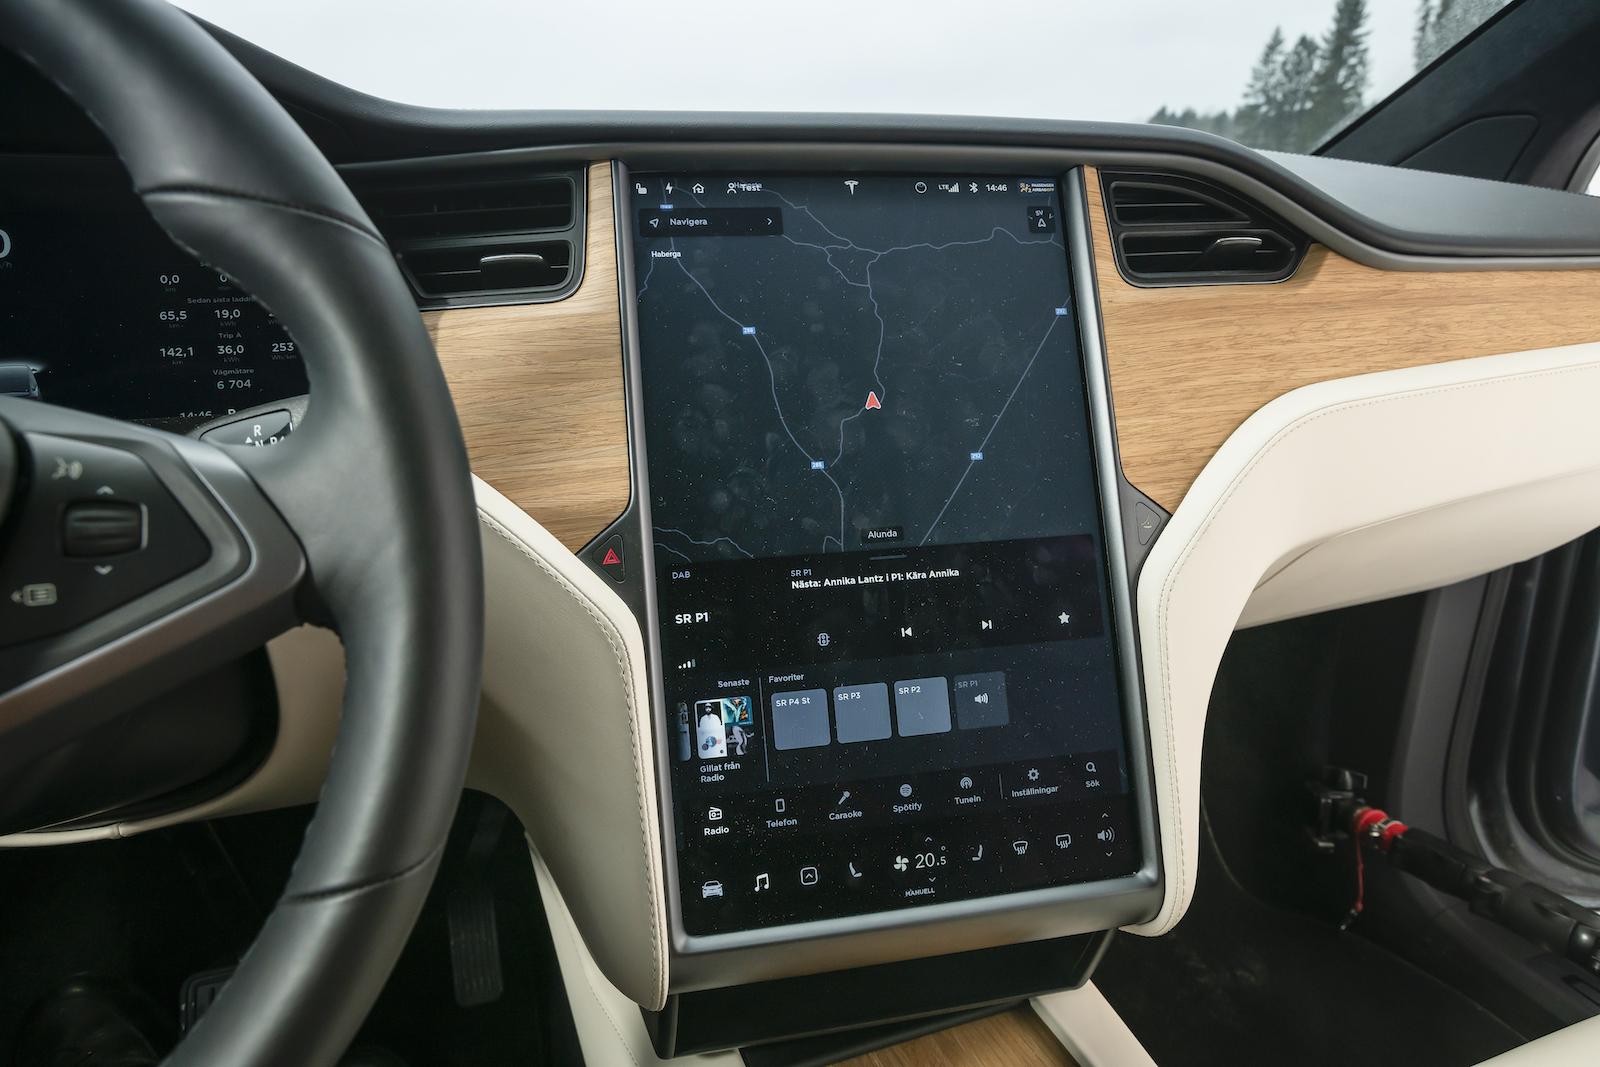 Tesla: Storleken gör det enkelt och överskådligt att sköta bilens funktioner, men inlärningskurvan är brant.